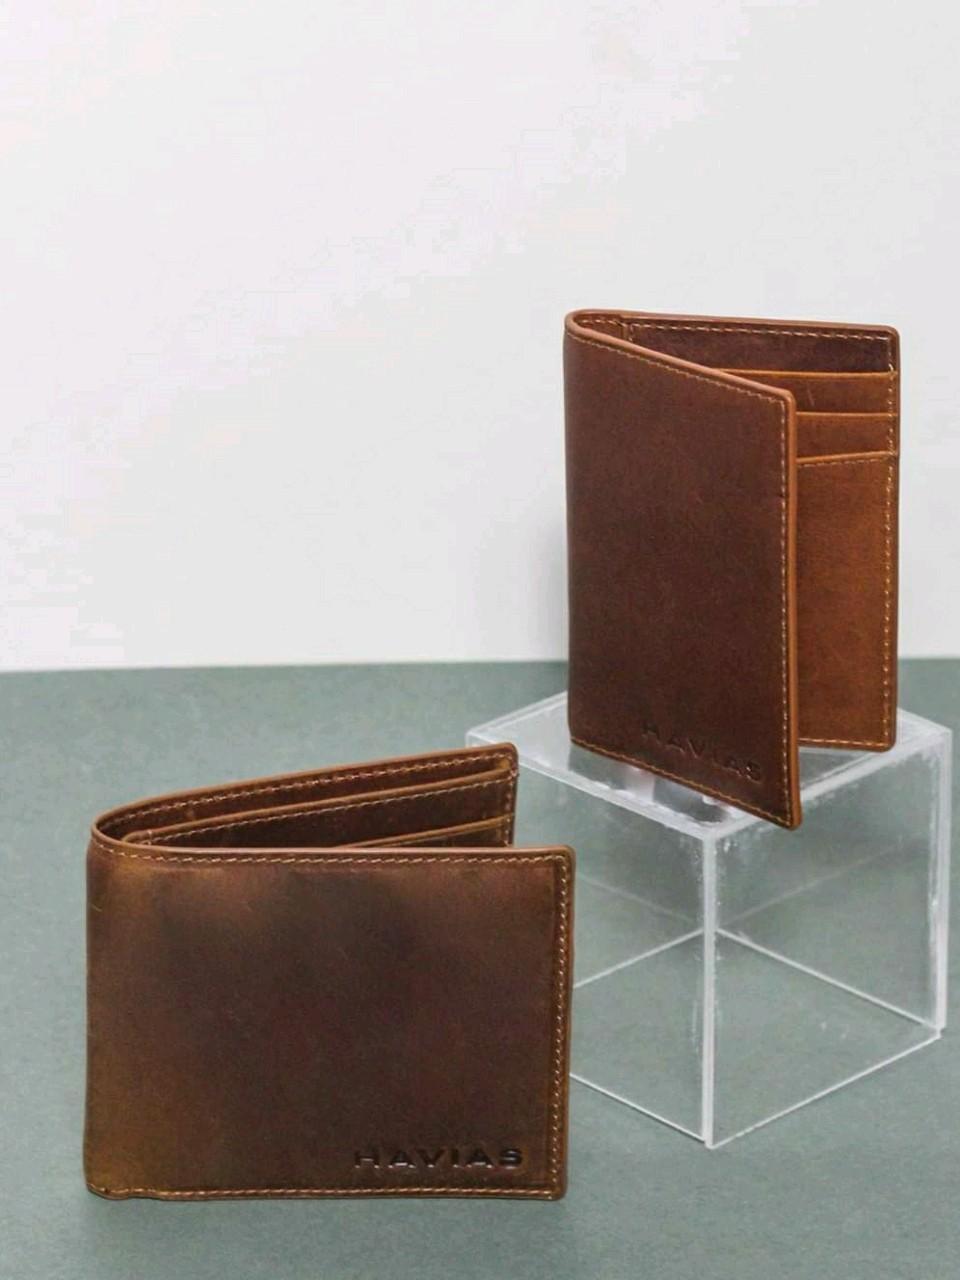 Couple Ví Enus & Gapple Handcrafted Wallet Brown